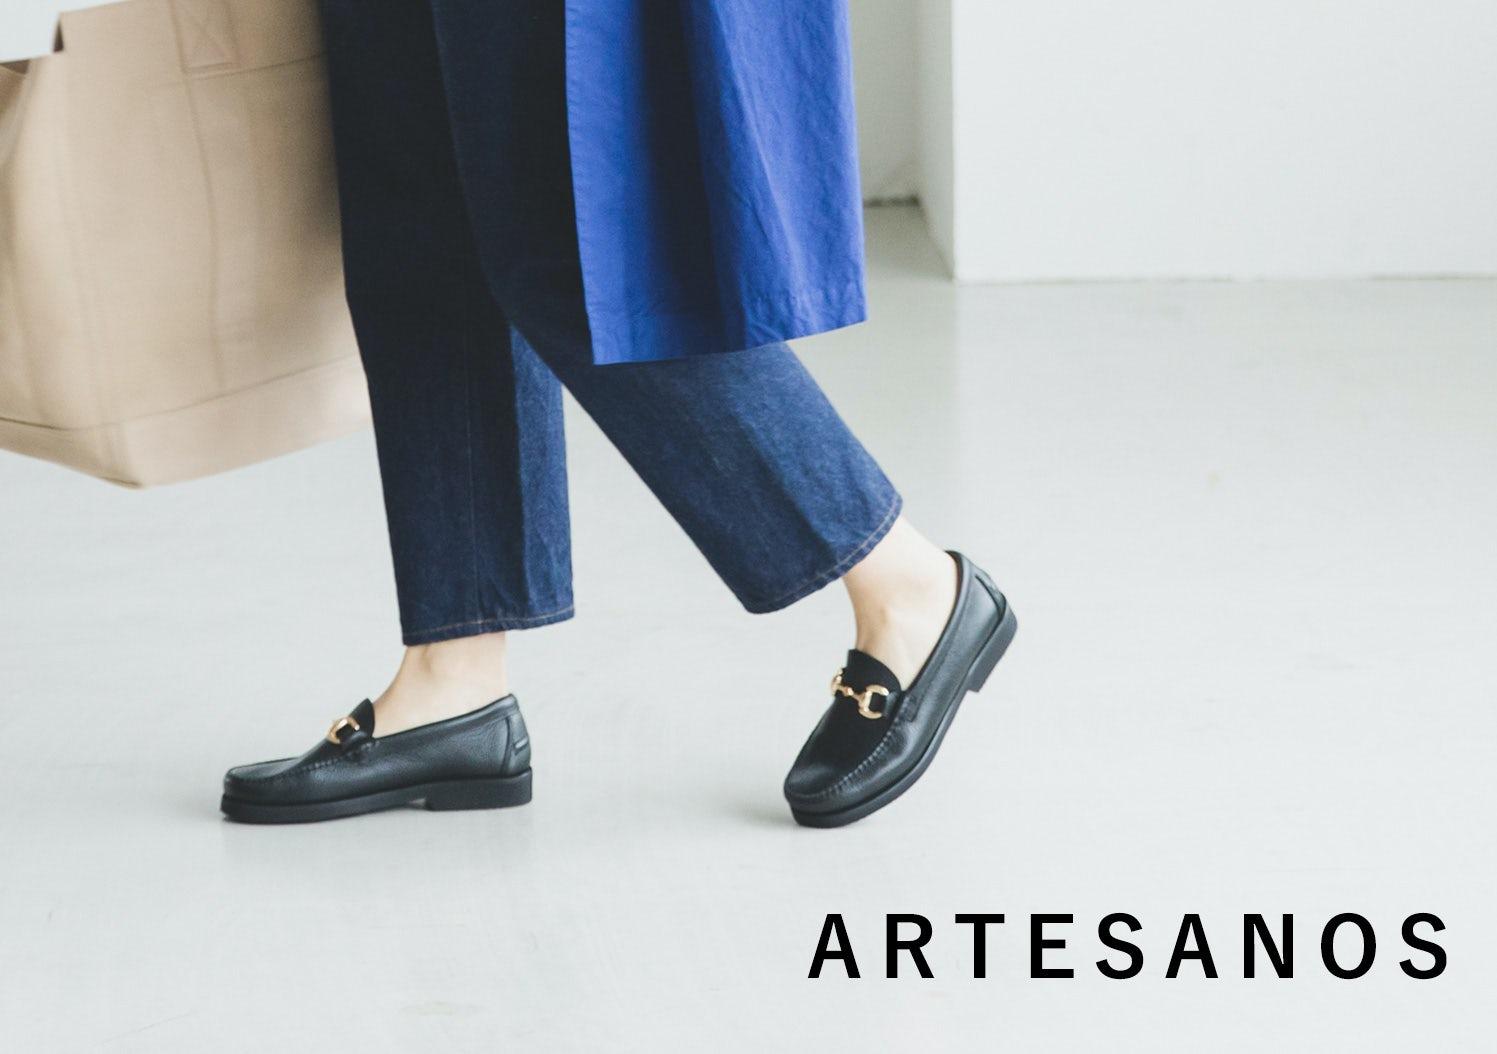 ARTESANOS / アルテサノス / ローファーの画像